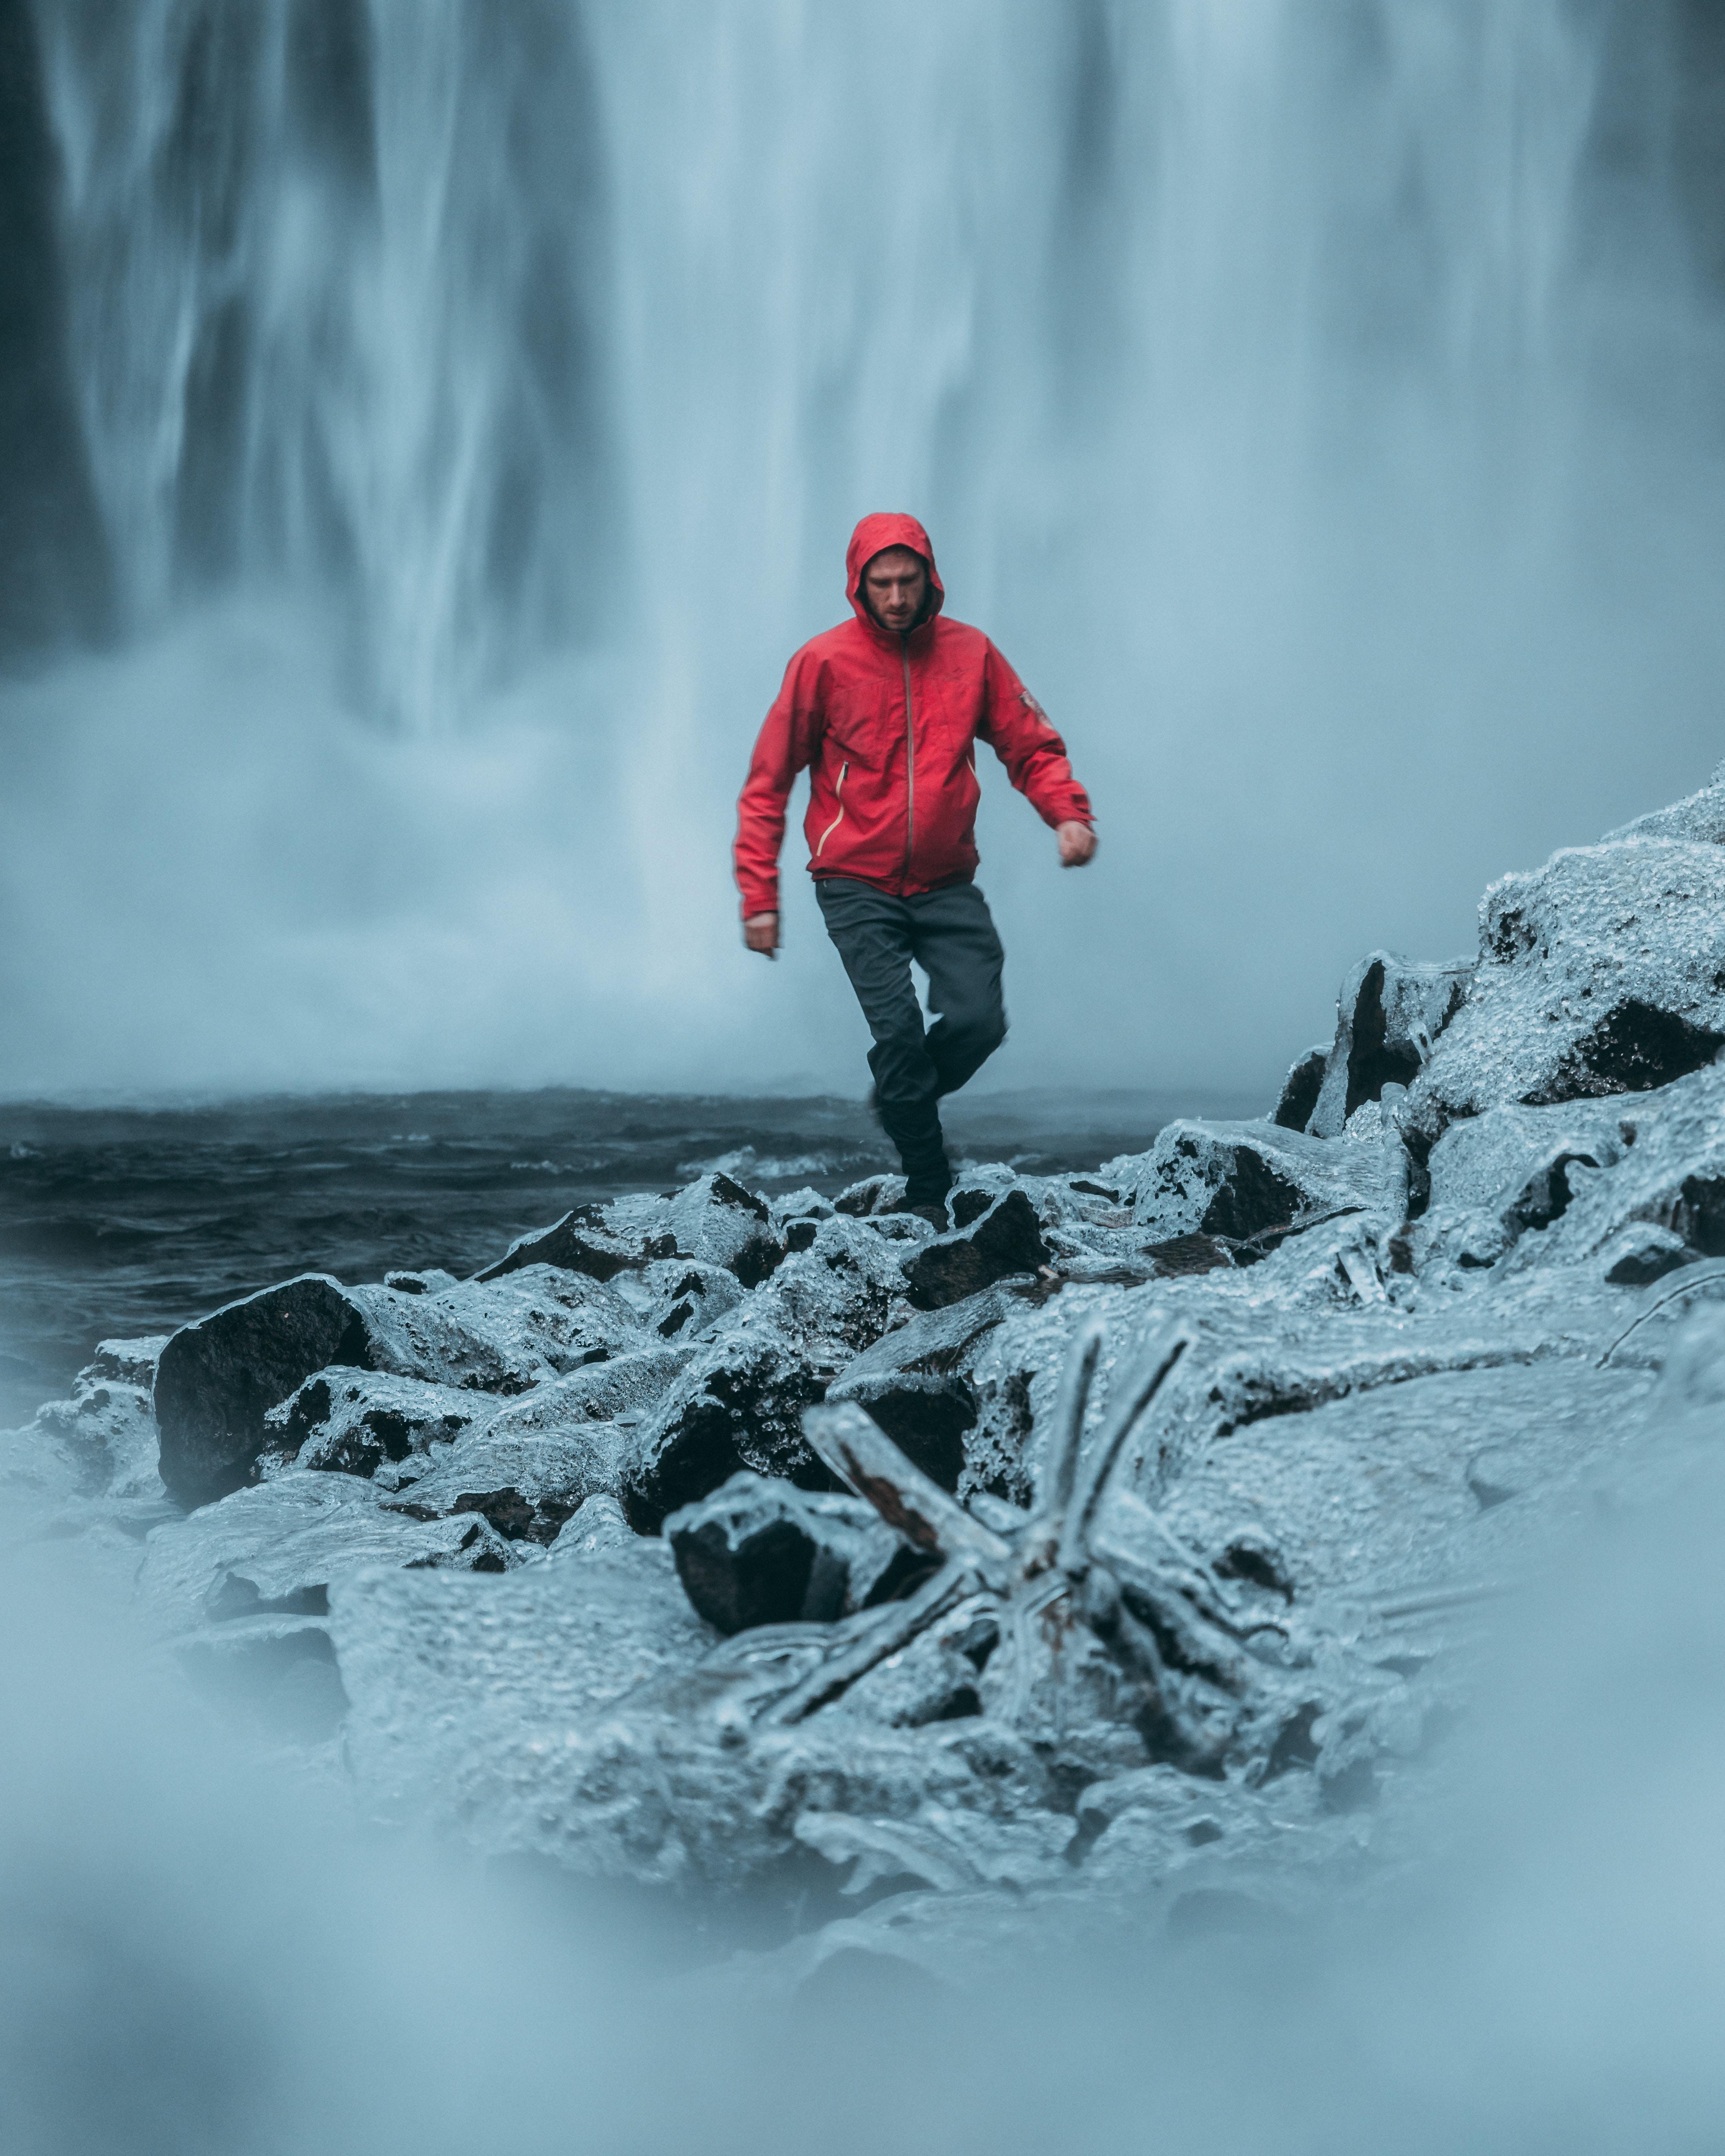 man walking near water falls during daytime